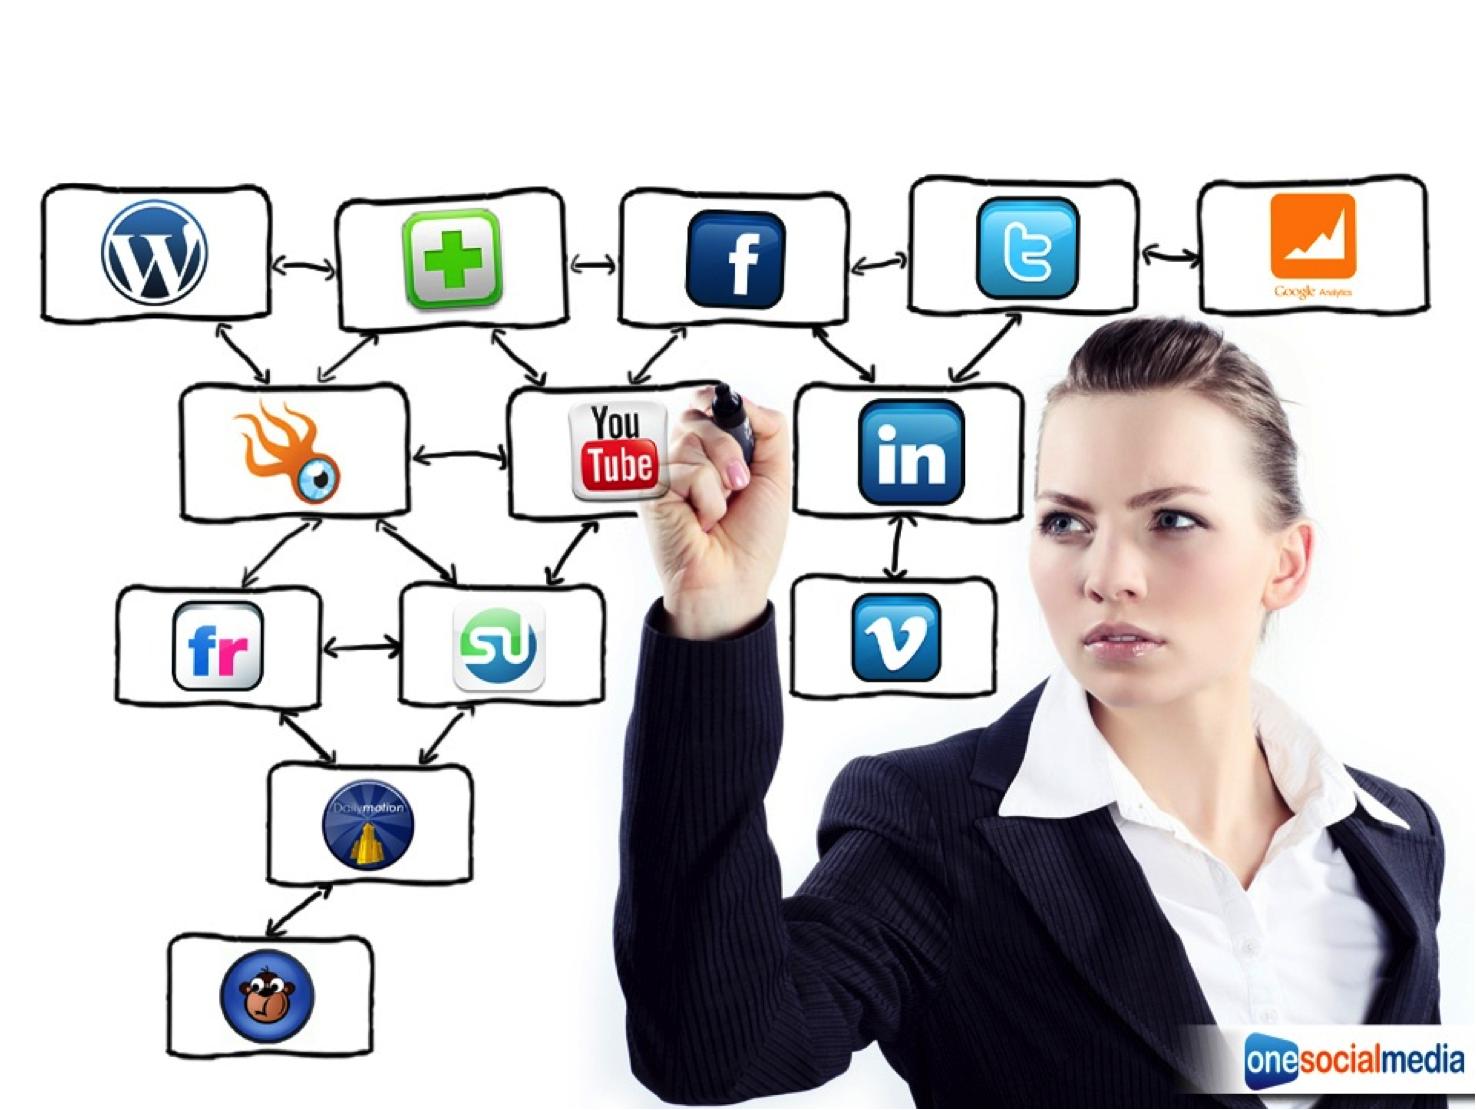 5-xu-huong-Social-Media-Marketing-bung-no-nam-2015b